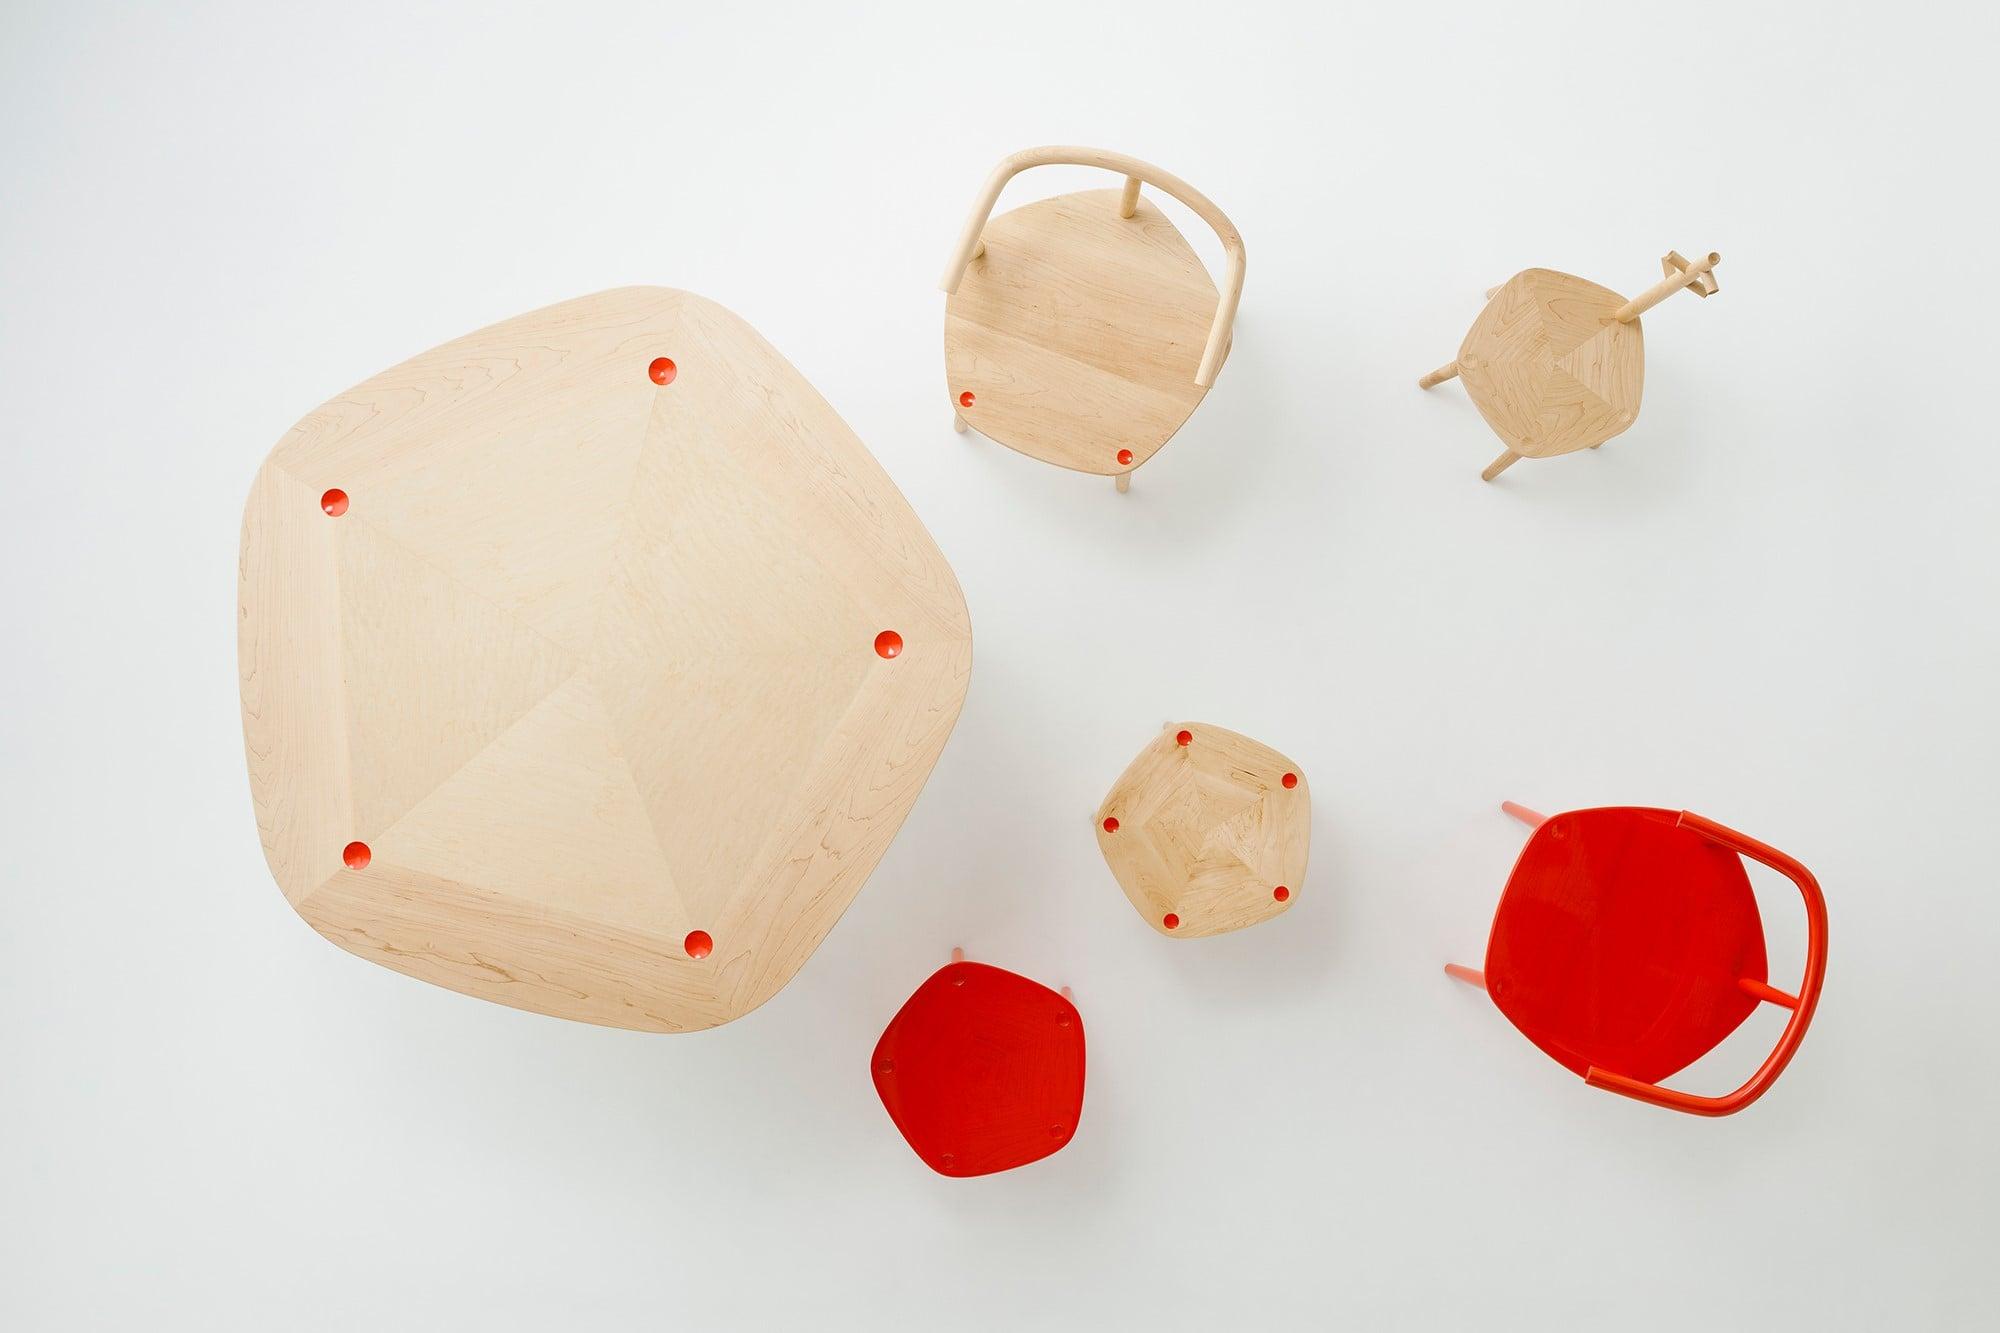 日本の新進木工ブランドとのコラボレーションで生まれたCKRの作品「FIVE wooden furniture collection for MEETEE」。